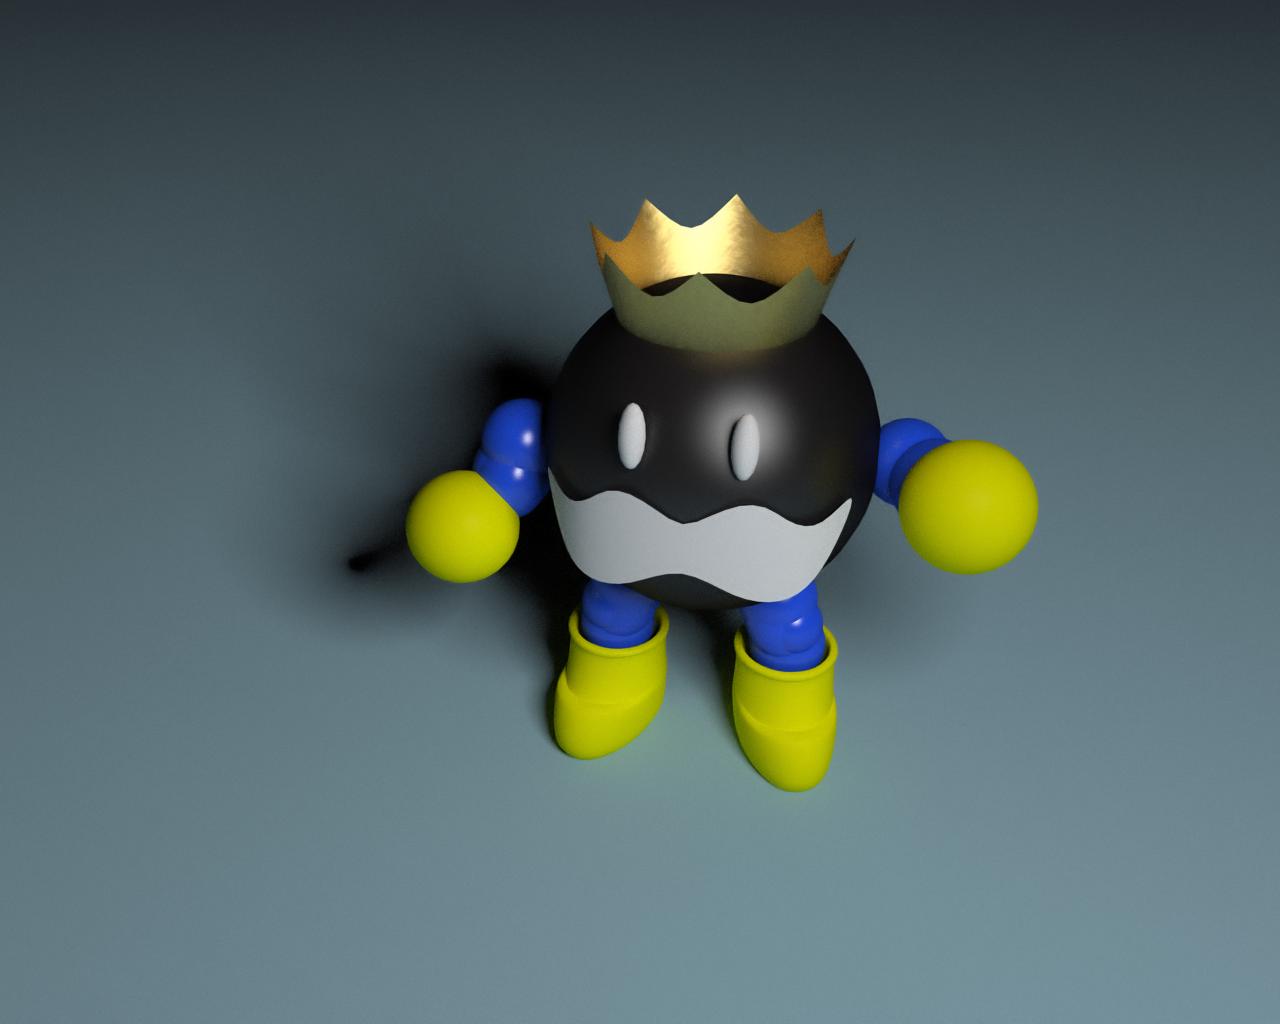 The Bombomb King